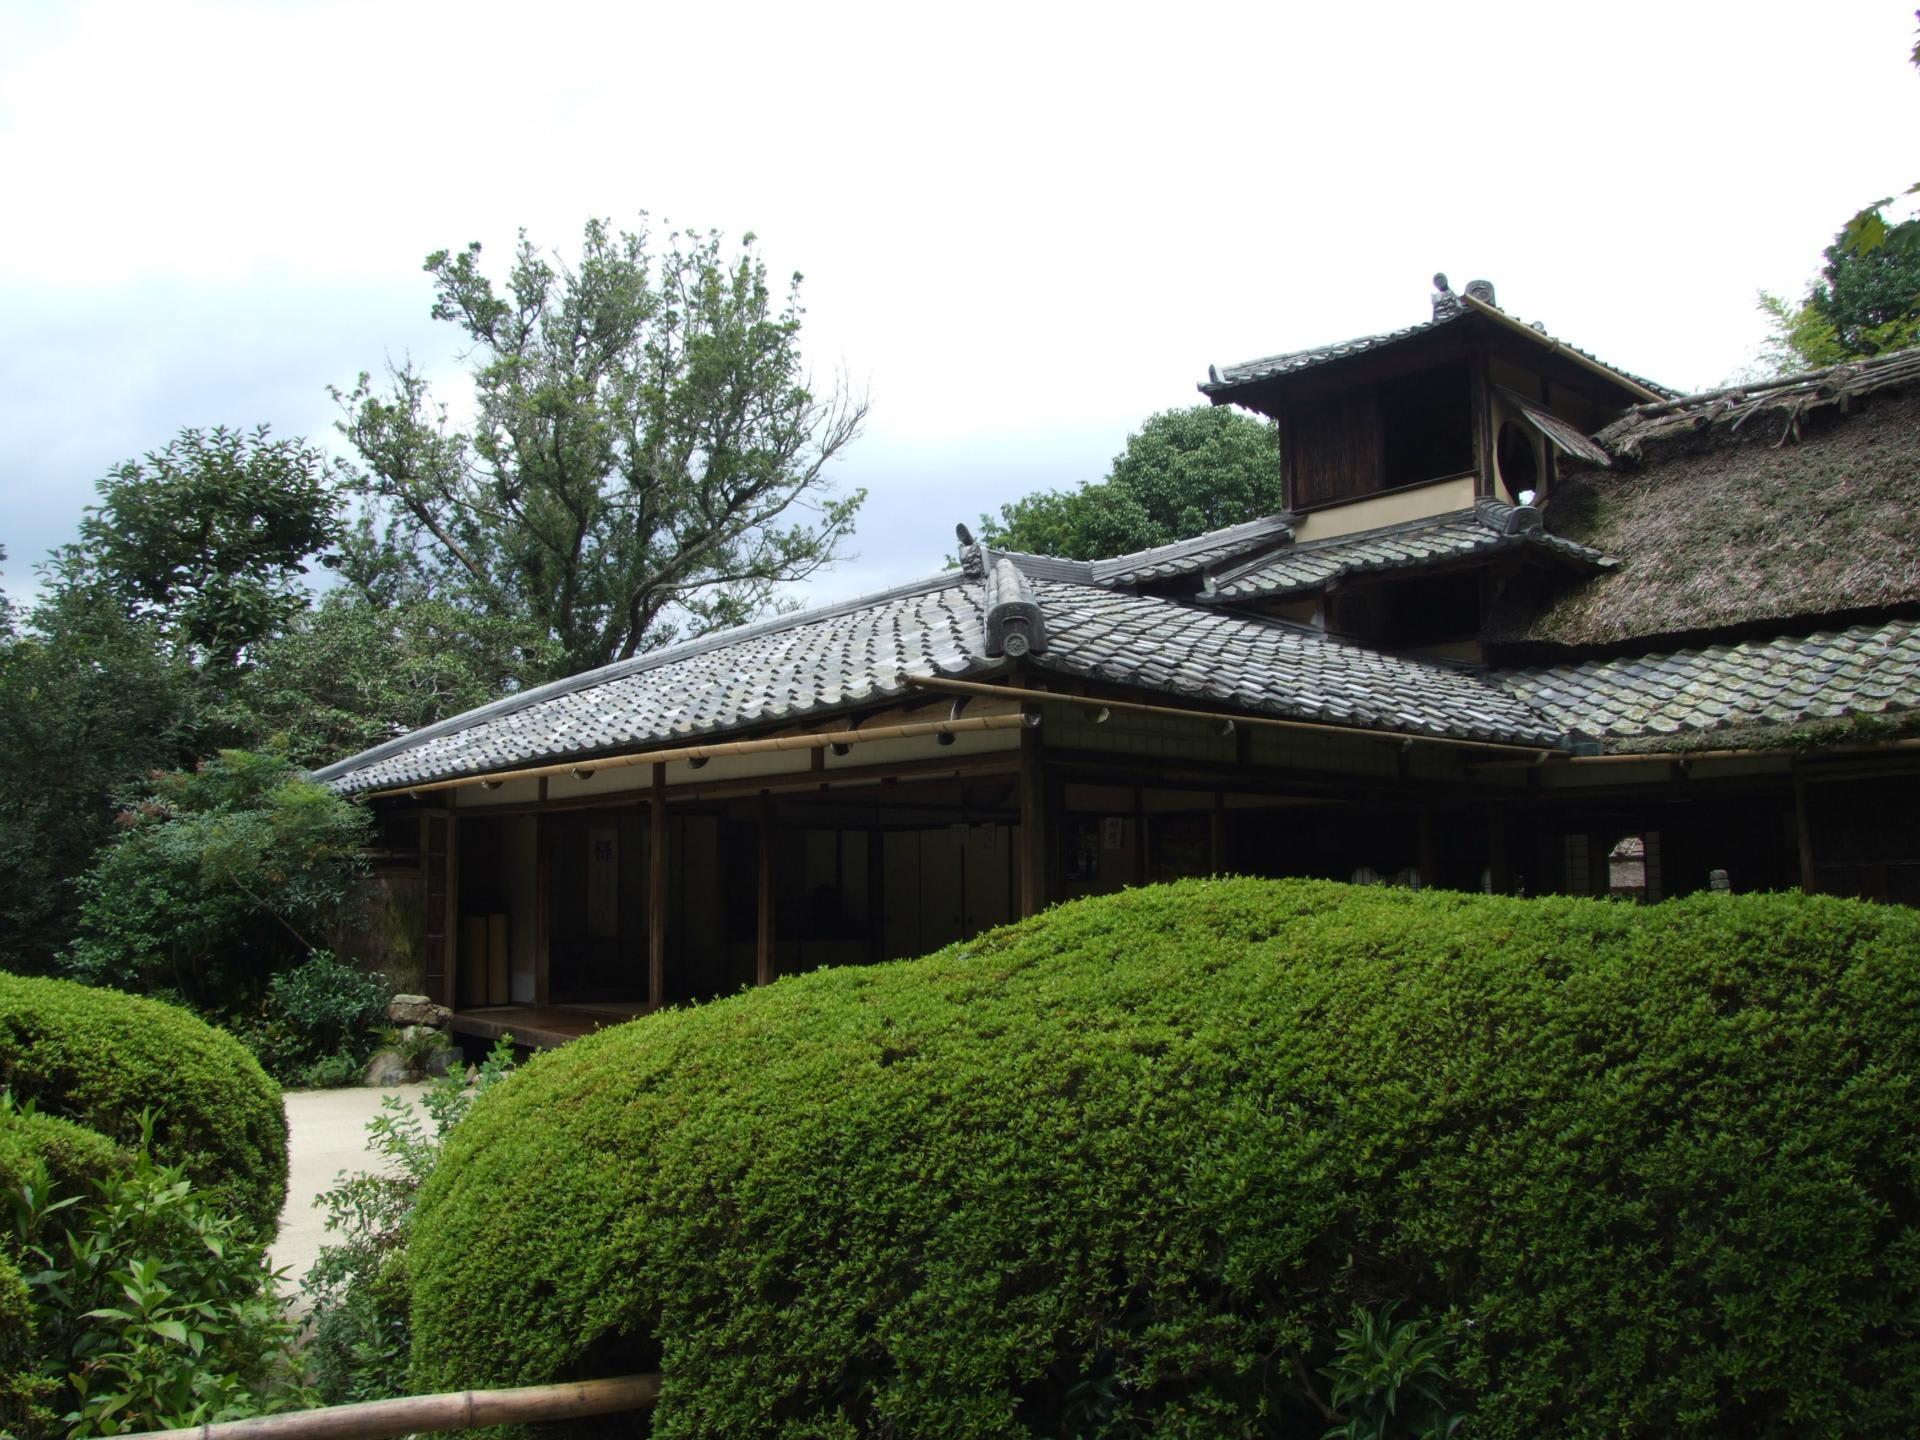 京の一乗寺に石川丈山と宮本武蔵を訪ねる - 松 ひとり言